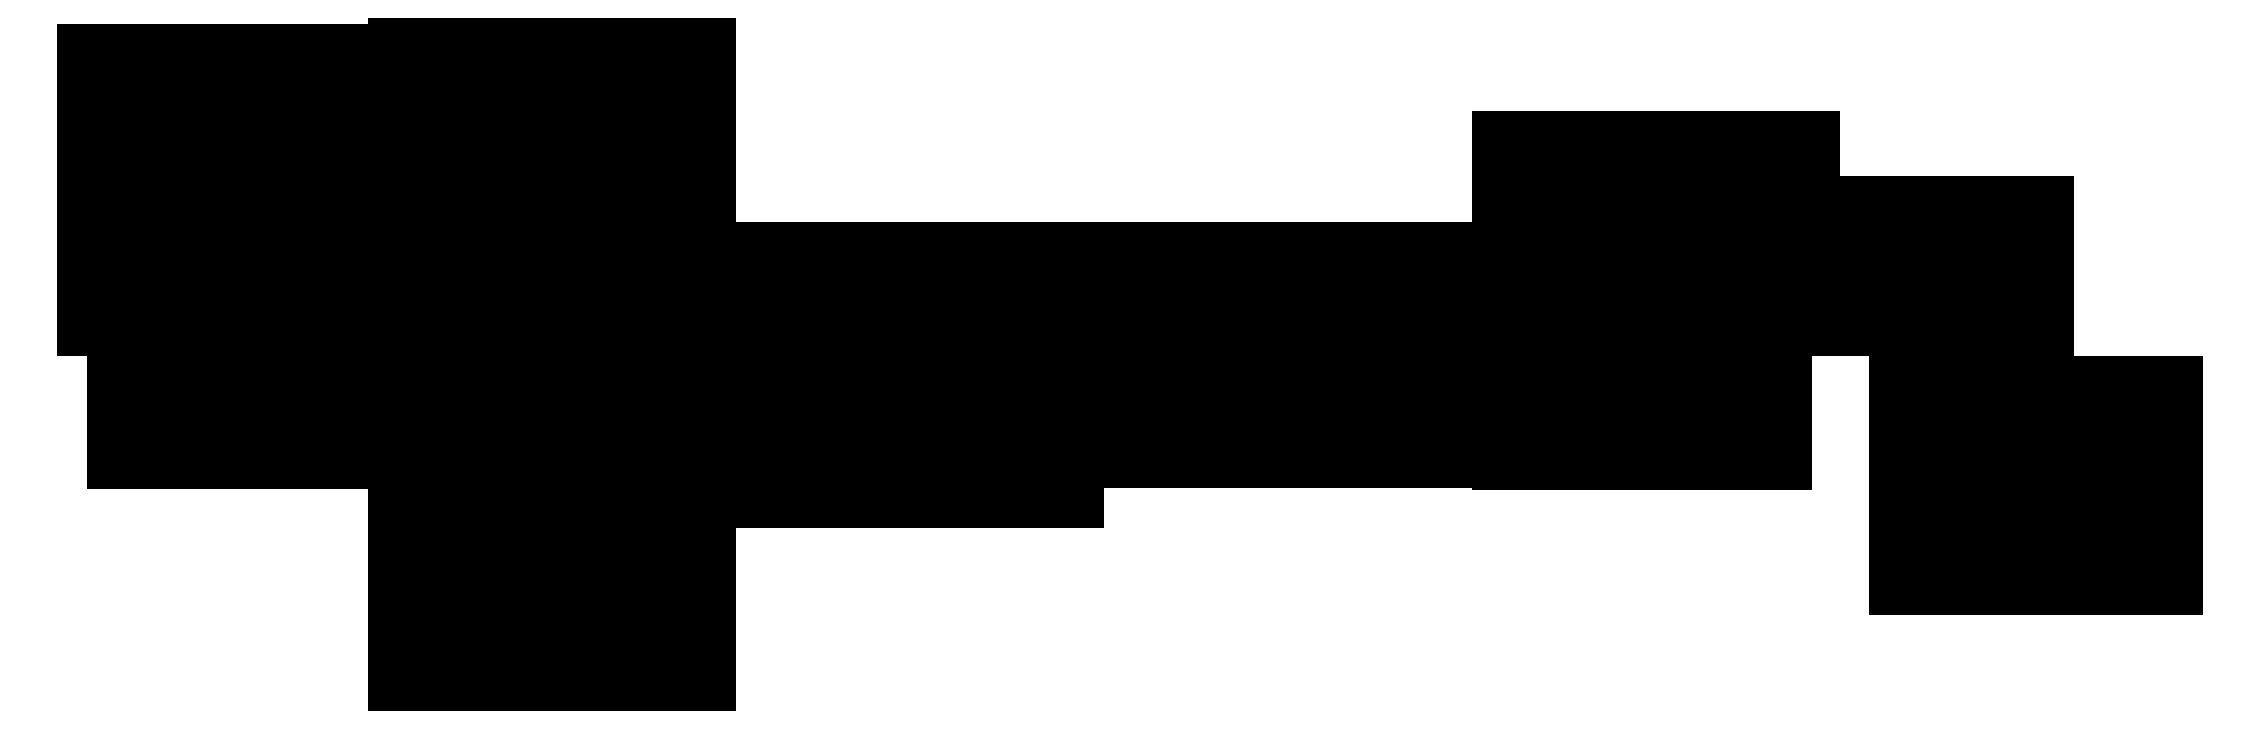 Topplista